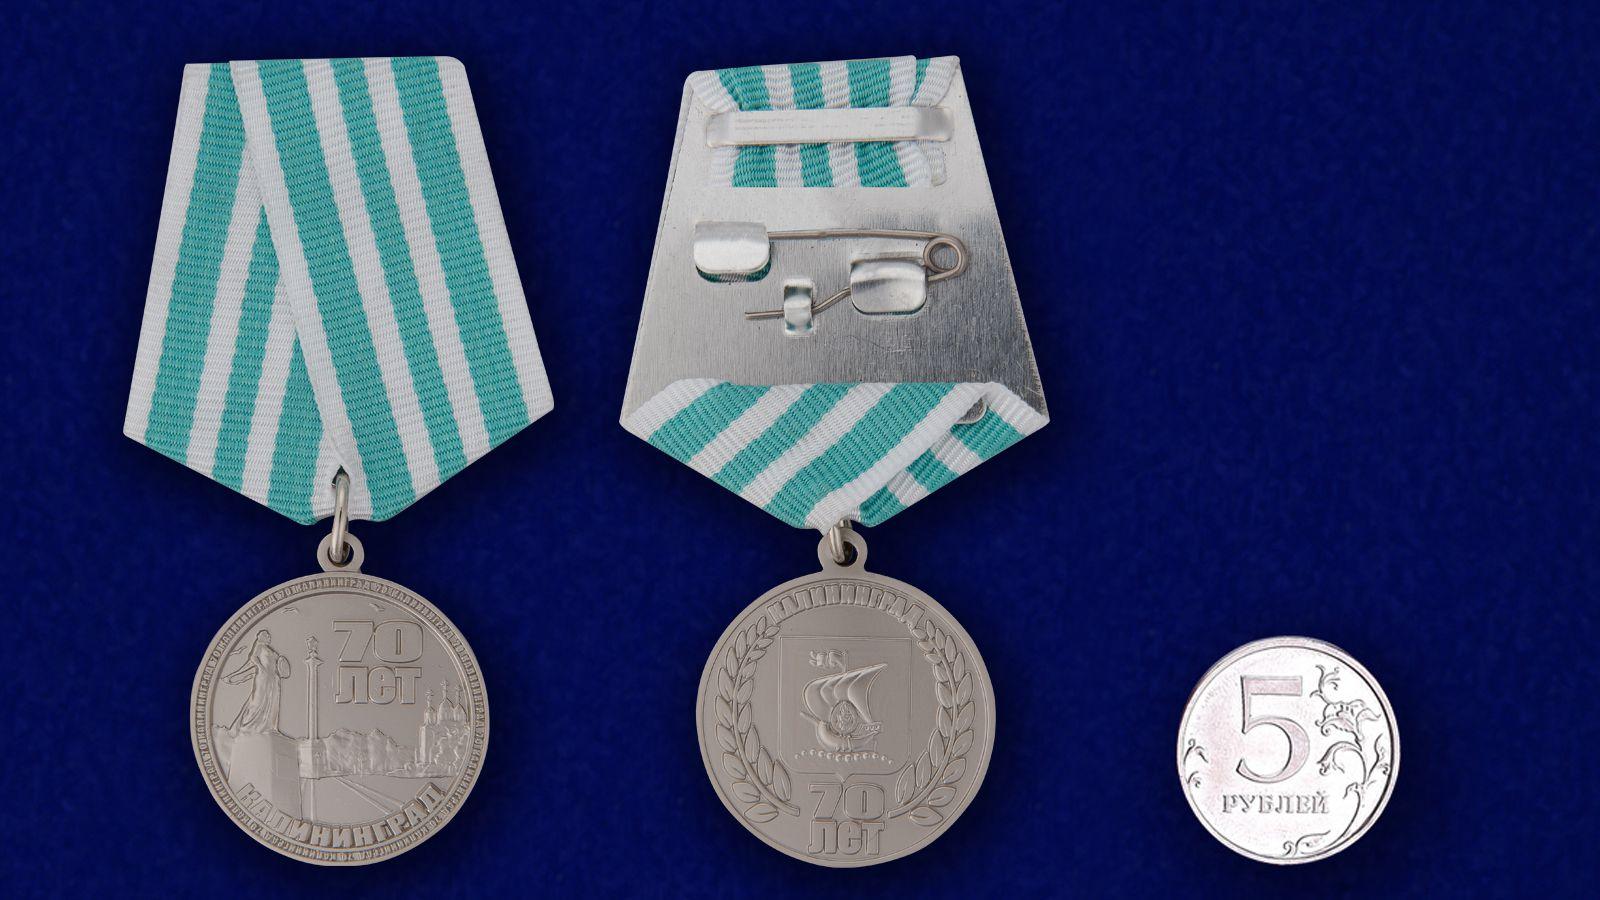 Памятная медаль 70 лет Калининграду в подарочном футляре - сравнительный вид